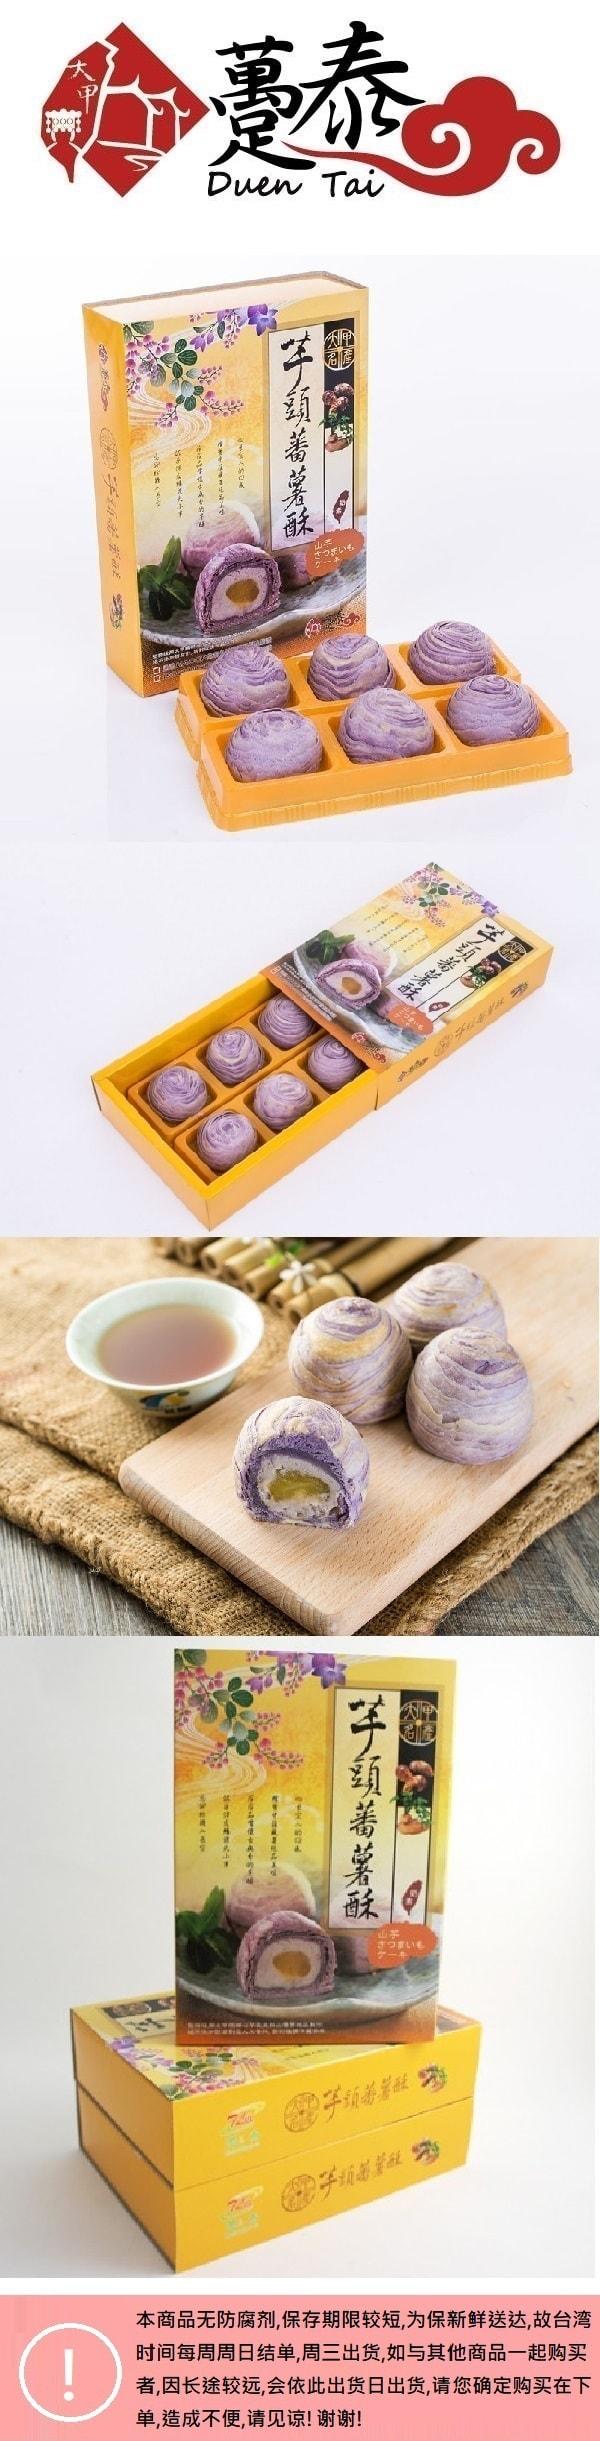 [台湾直邮] 台湾趸泰食品 芋头番薯酥300g/6枚入